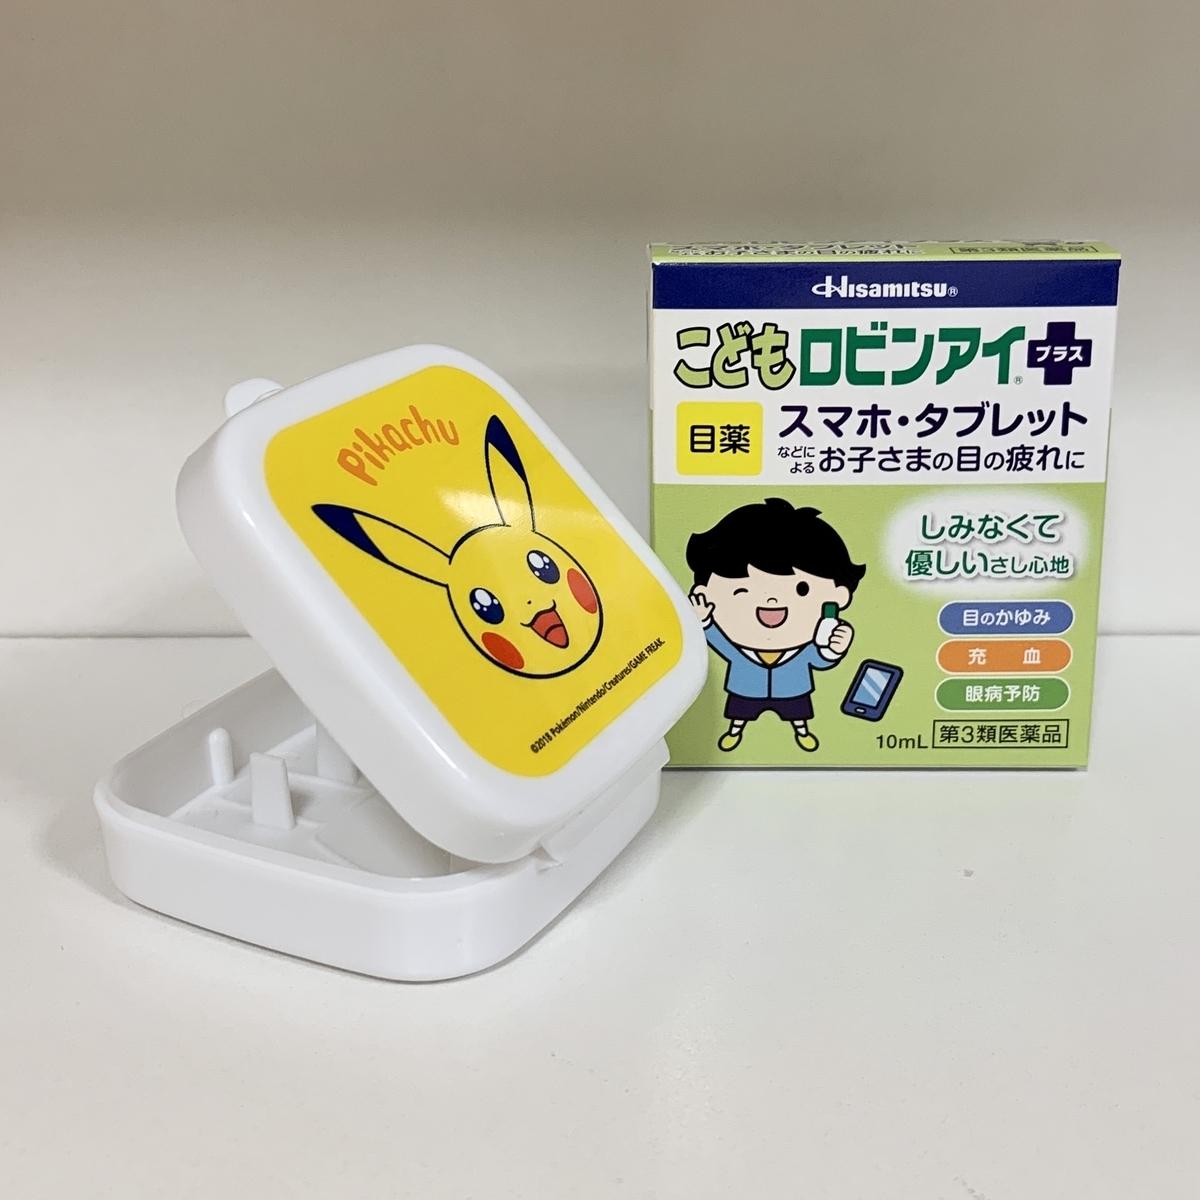 f:id:pikachu_pcn:20200906182310j:plain